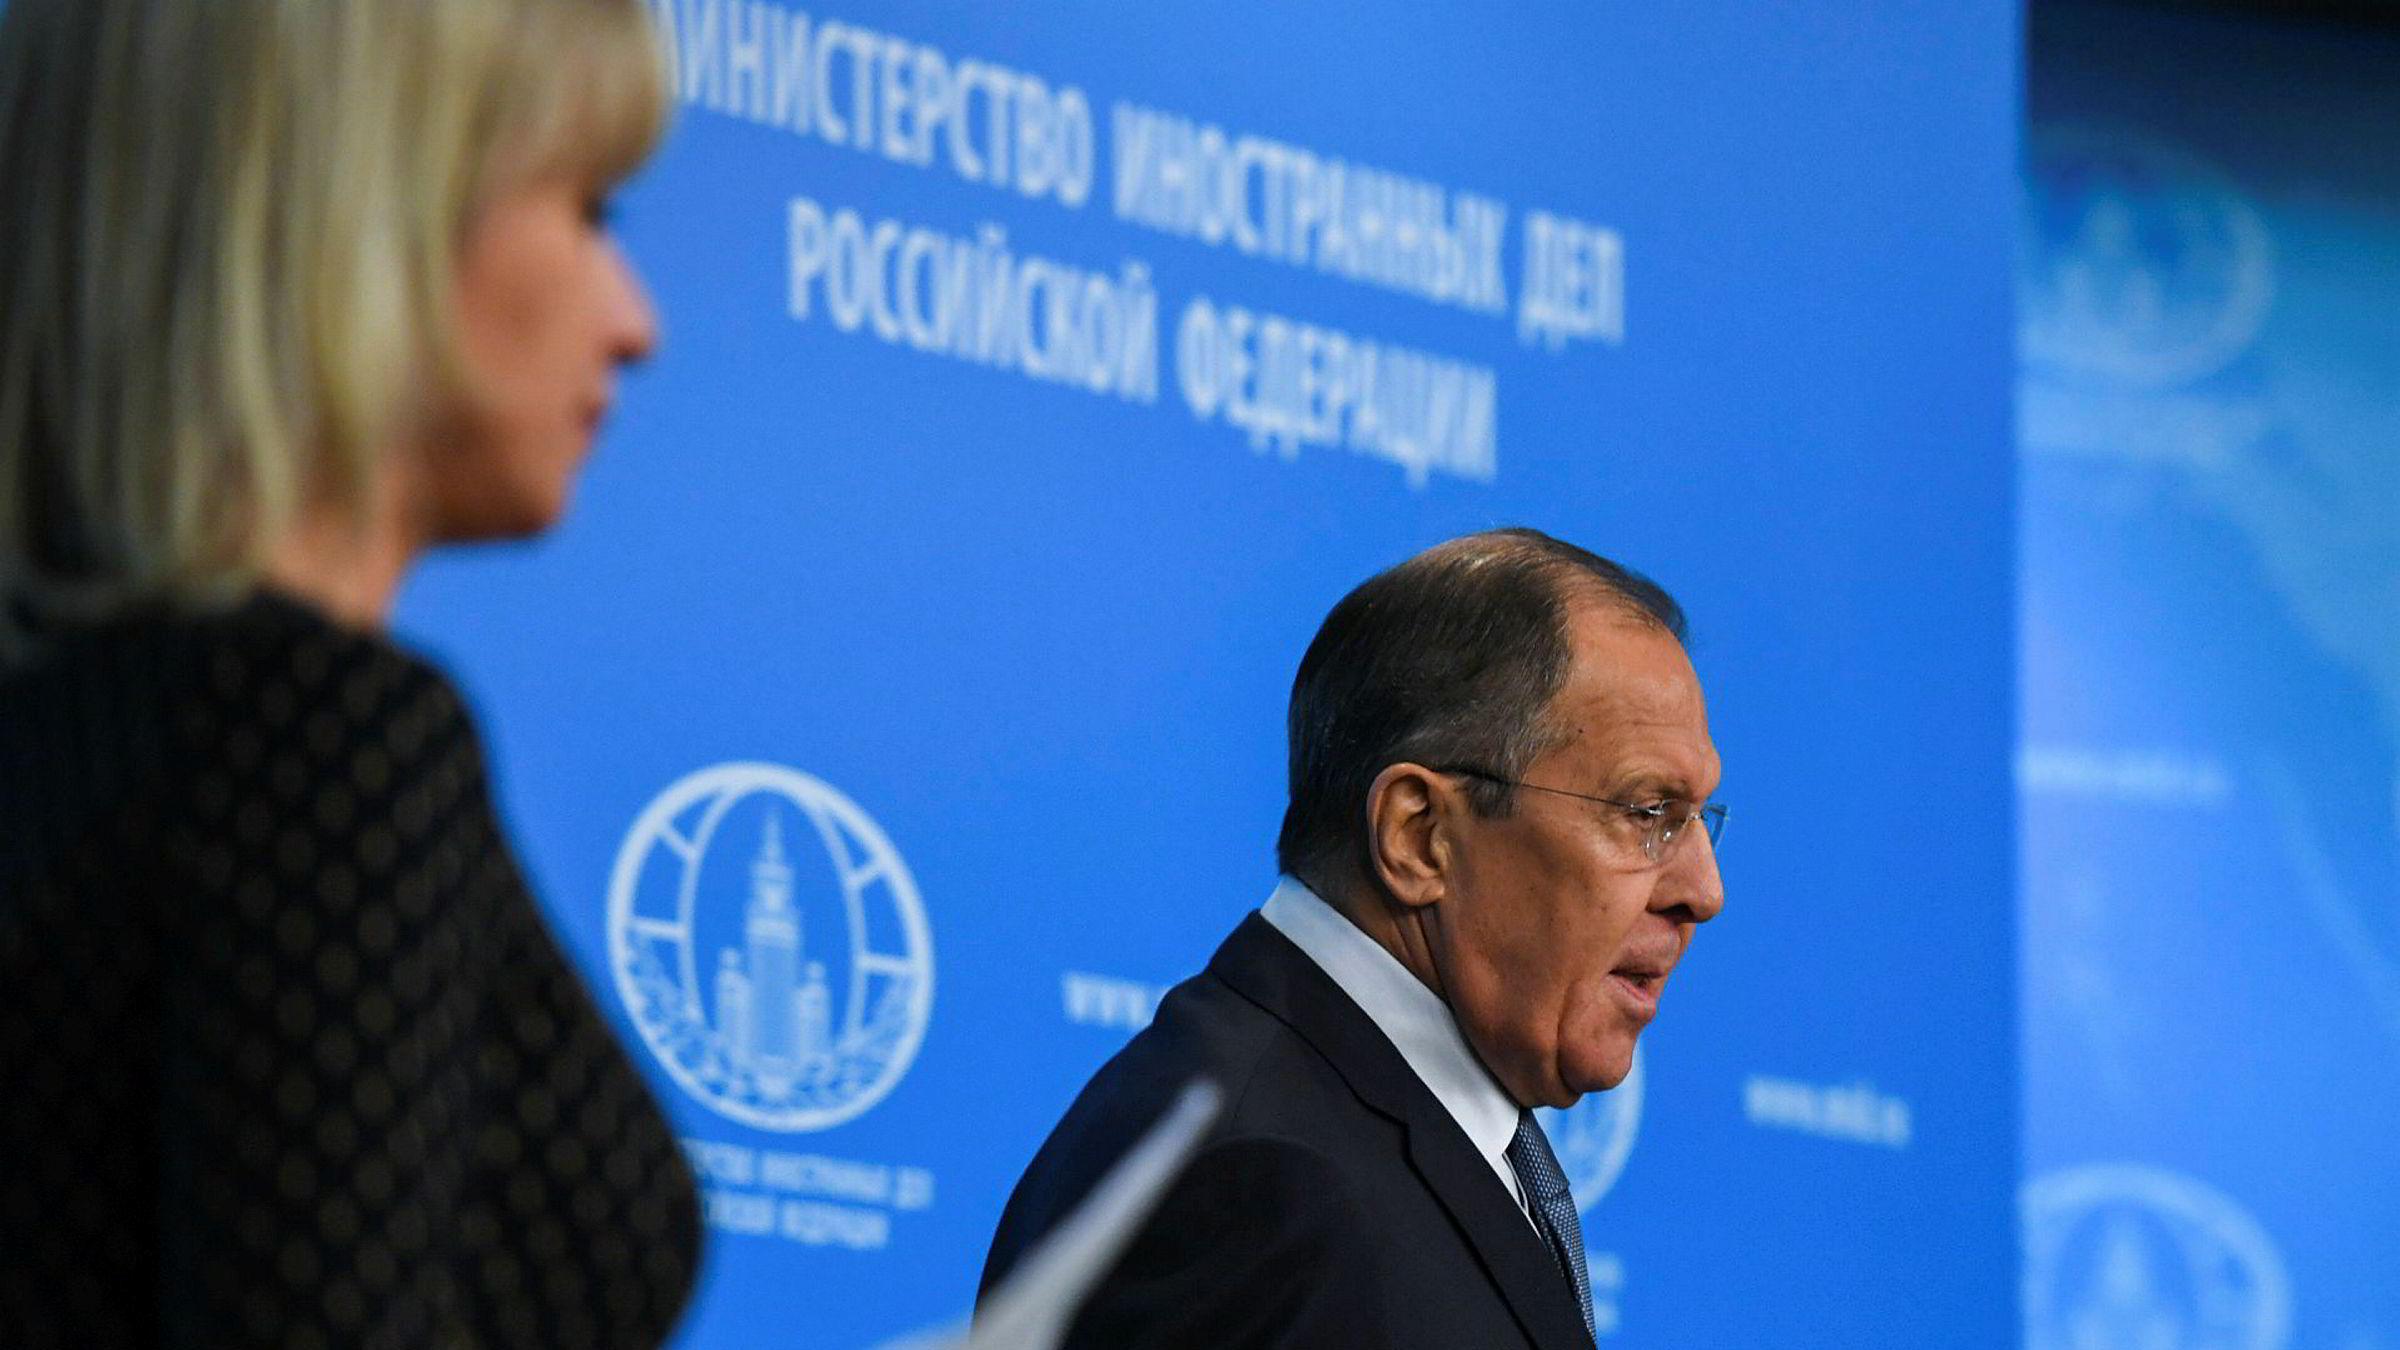 Russlands utenriksminister Sergej Lavrov kom med besk kritikk mot USA på sin årlige pressekonferanse om landets utenrikspolitikk i Moskva mandag. Til venstre det russske utenriksdepartementets talskvinne Maria Zakharova.